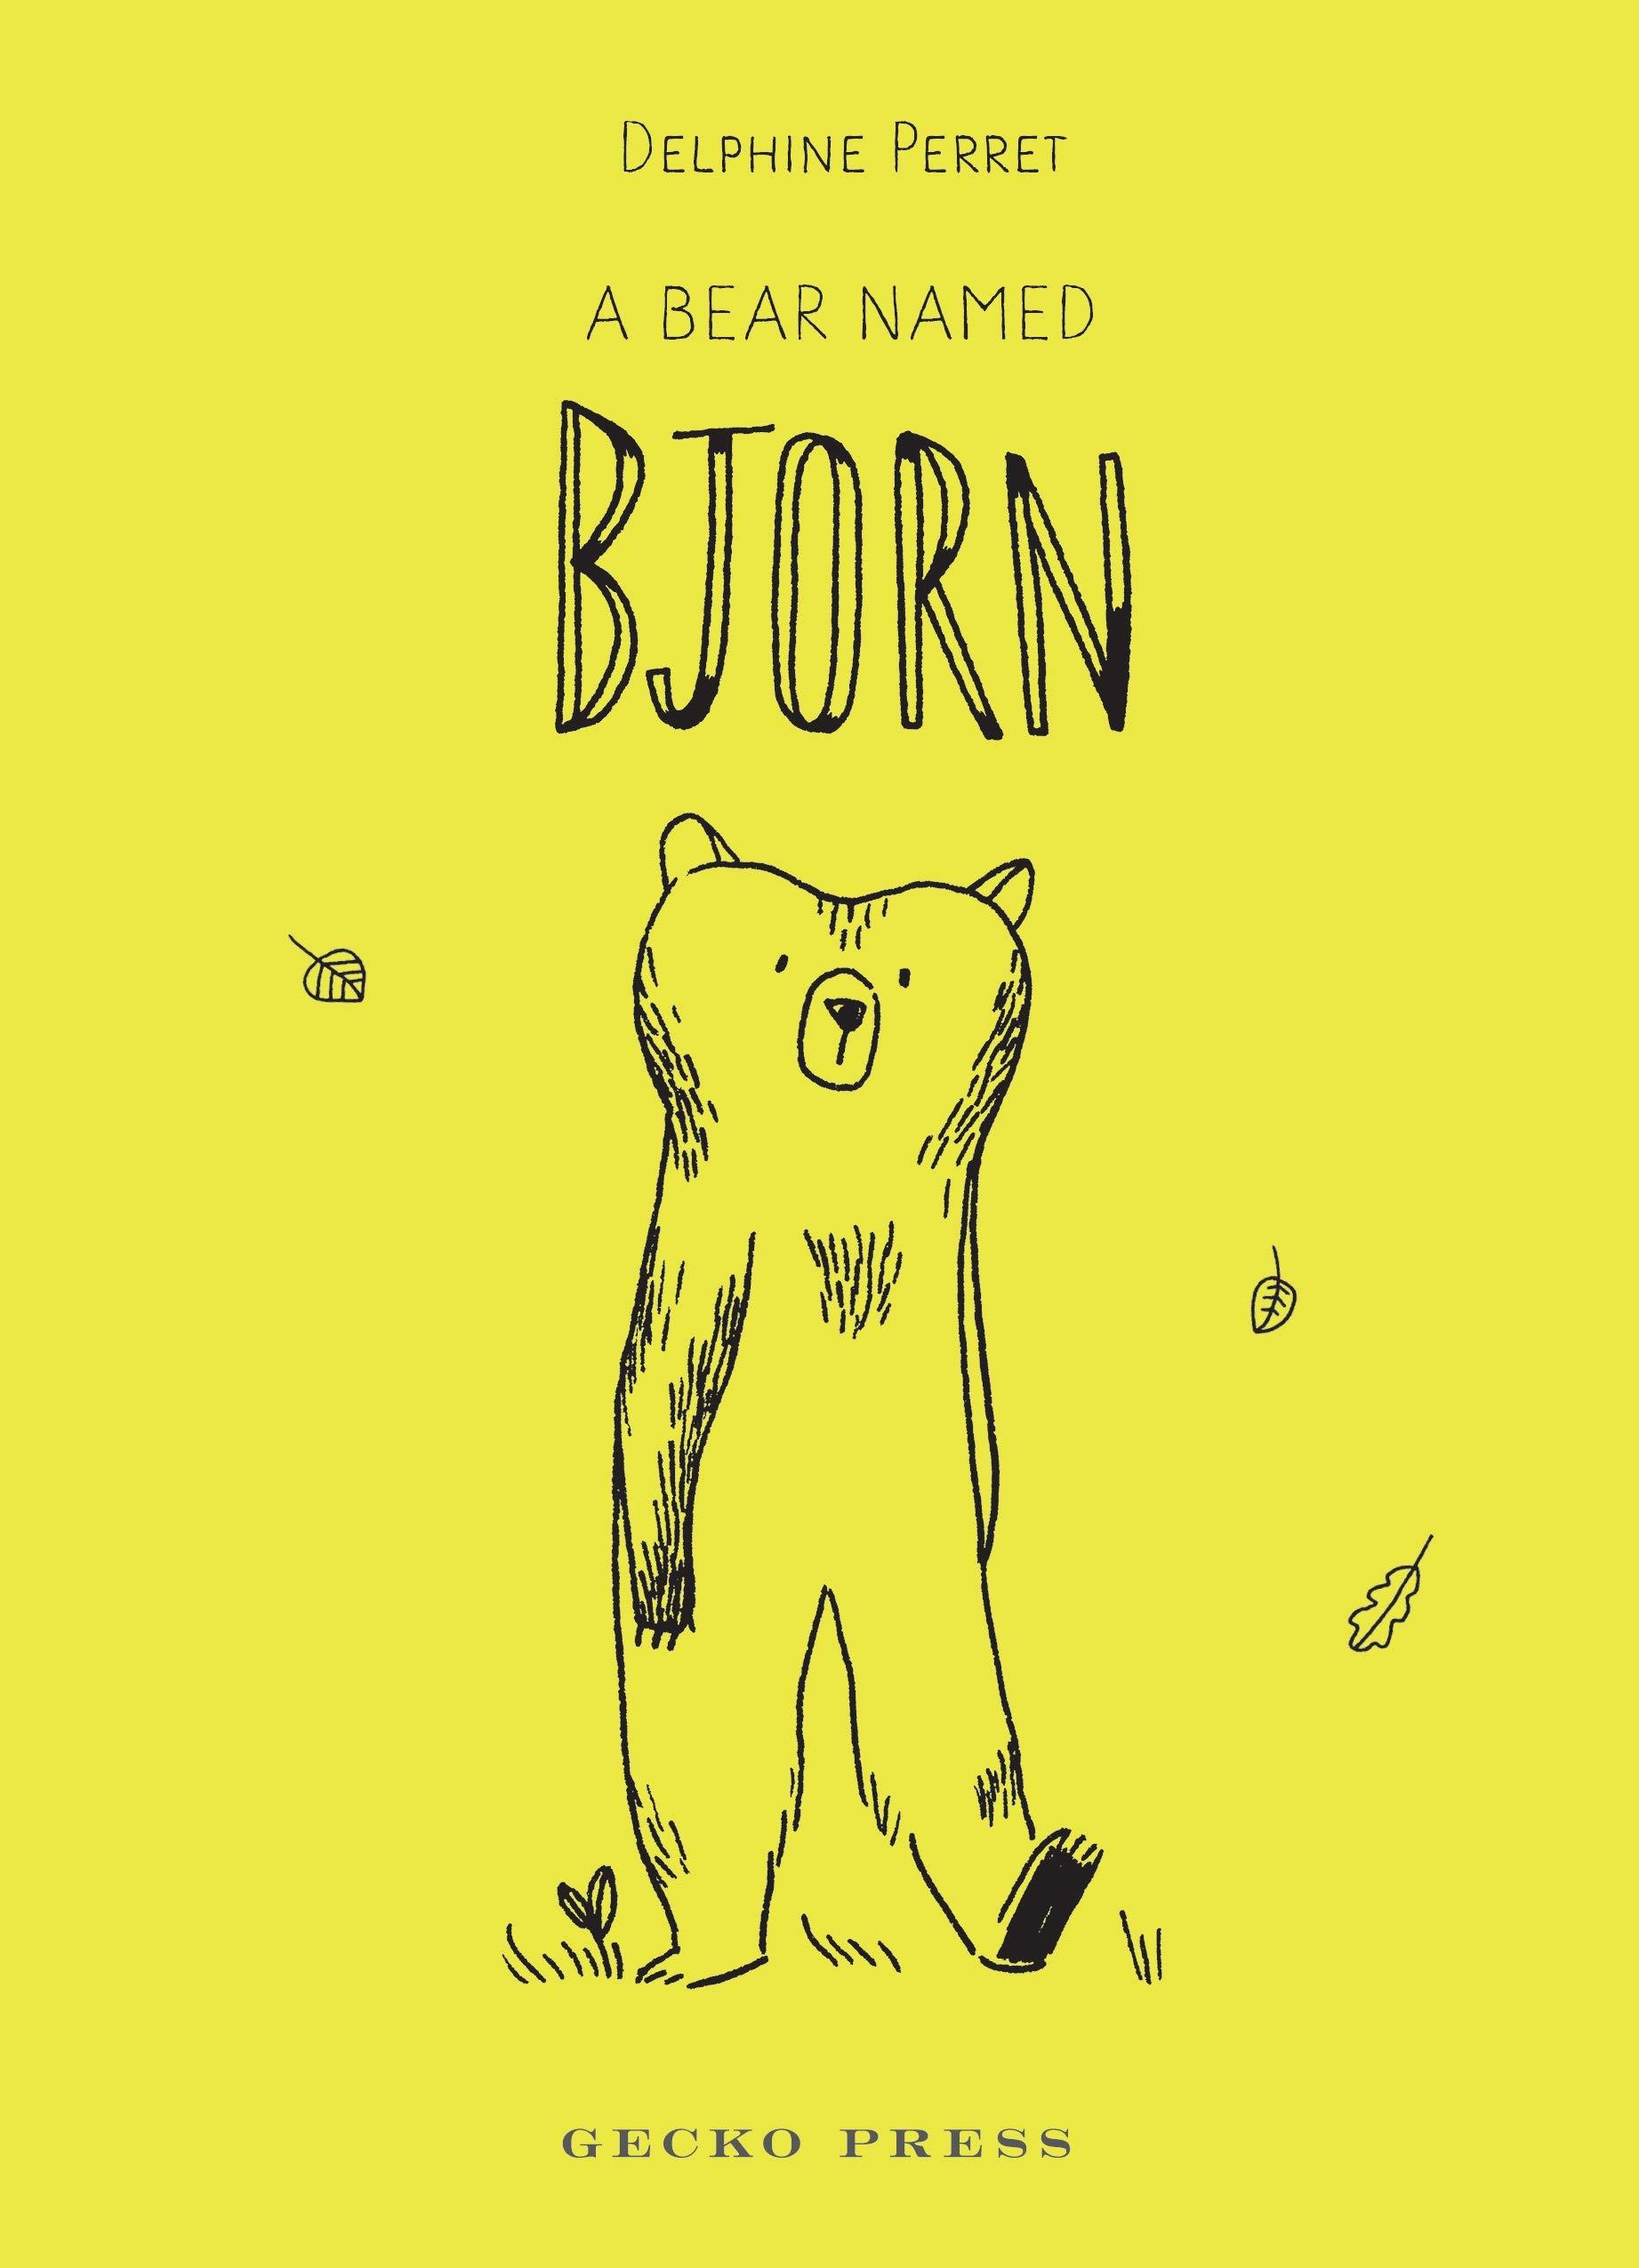 A Bear Named Bjorn